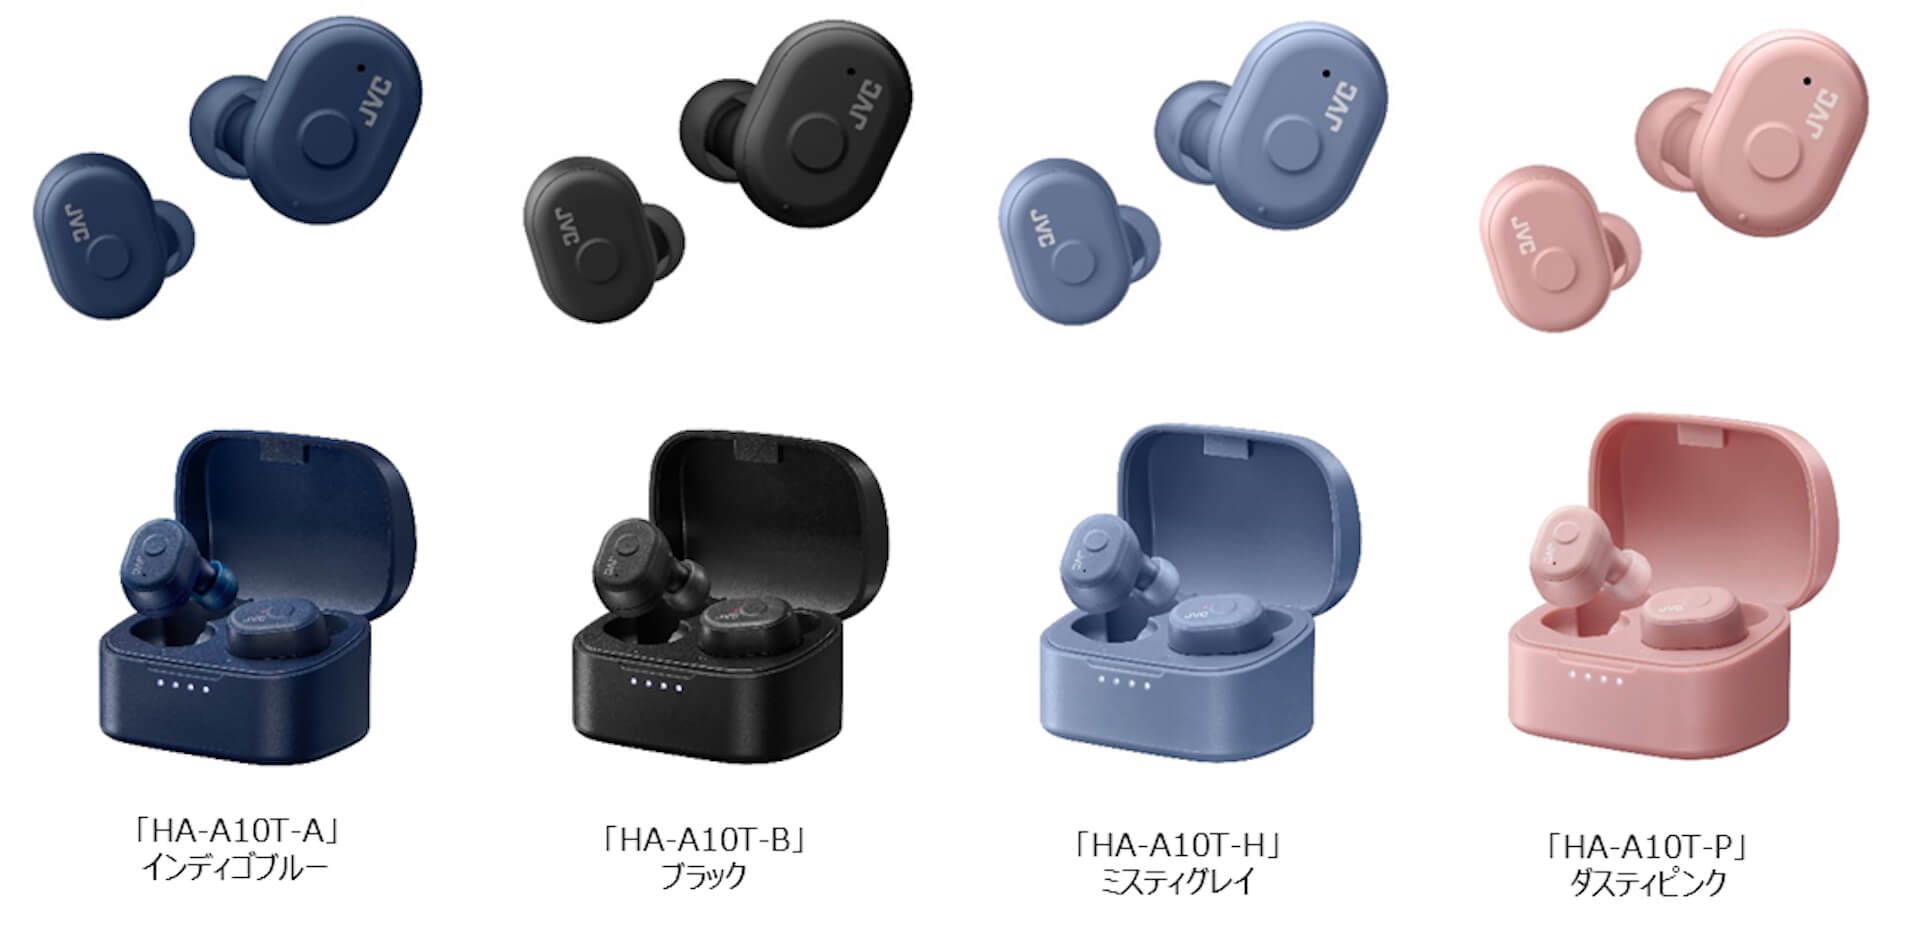 JVCからハイコストパフォーマンスを実現するワイヤレスイヤホン「HA-A10T」が登場! tech191024_jvc_earphone_7